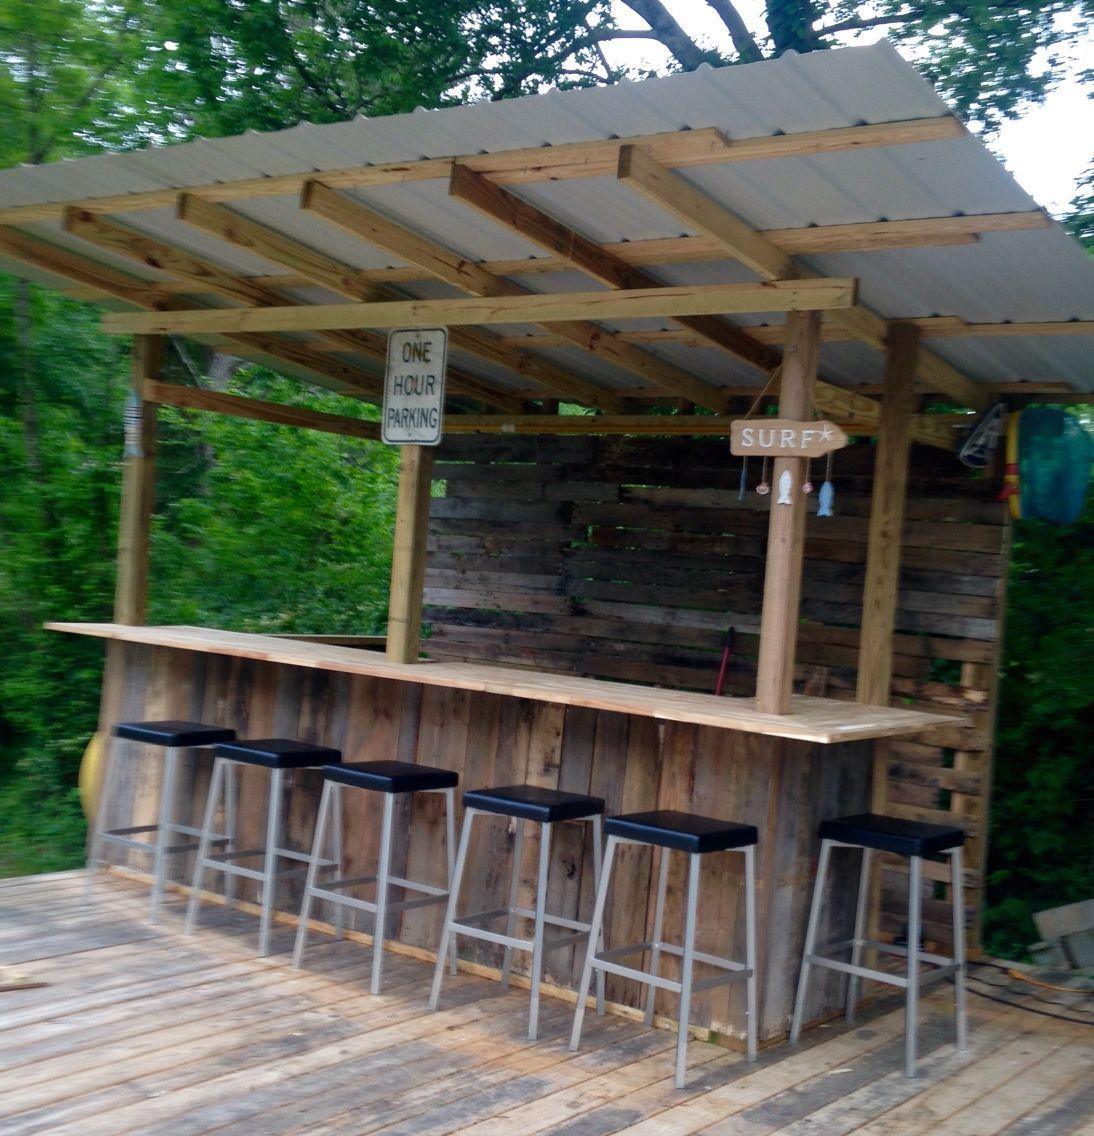 Unsere Kleine Tiki Bar Aus Paletten Holz Und Geborgen Metalldacher Und Akazie Arbeitsplatten Immer Noch In 2020 Diy Outdoor Bar Backyard Bar Outdoor Kitchen Design